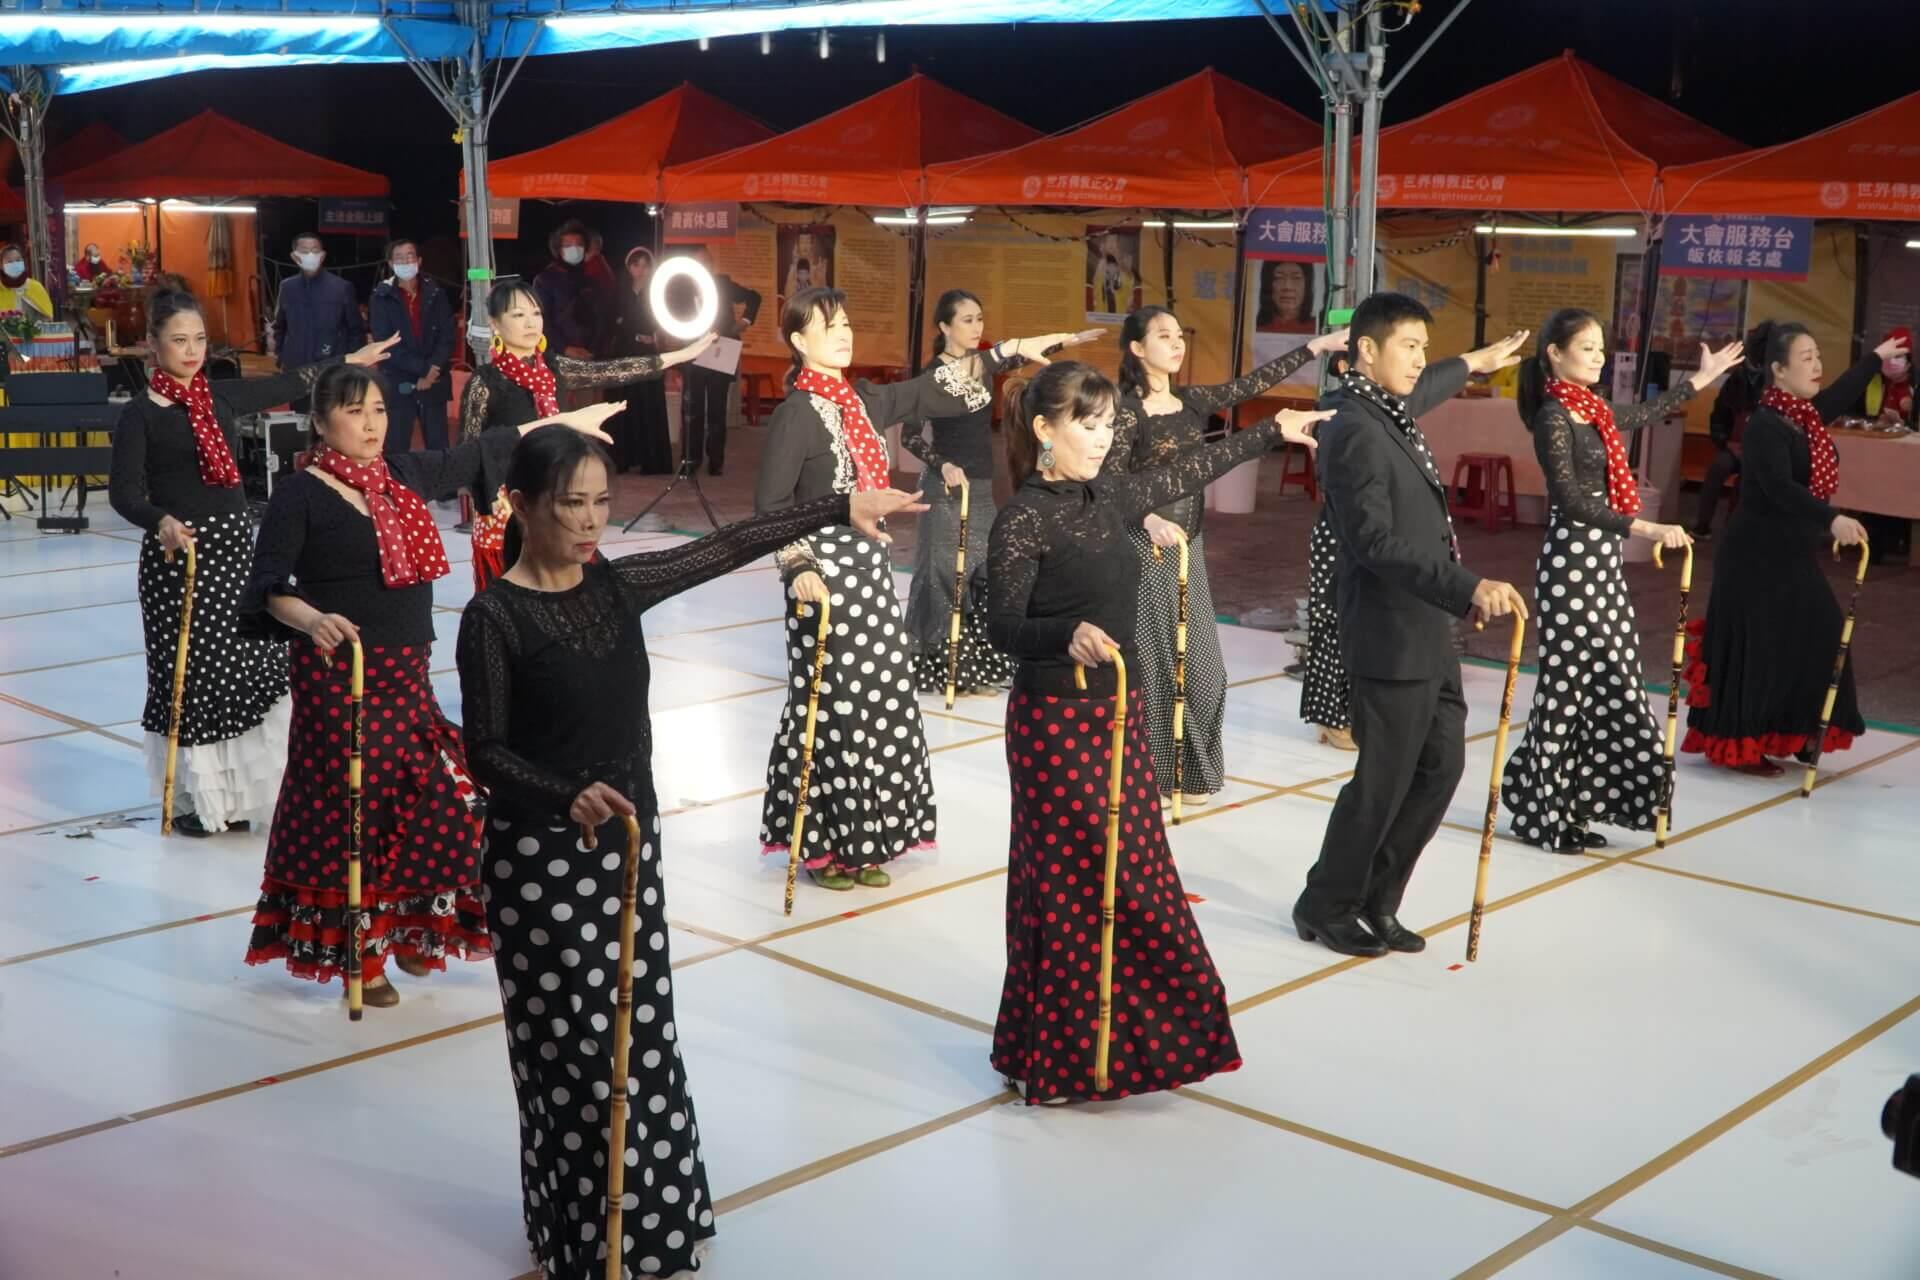 行動佛殿 樂藝供佛 台北邊境佛拉明哥舞團公益演出